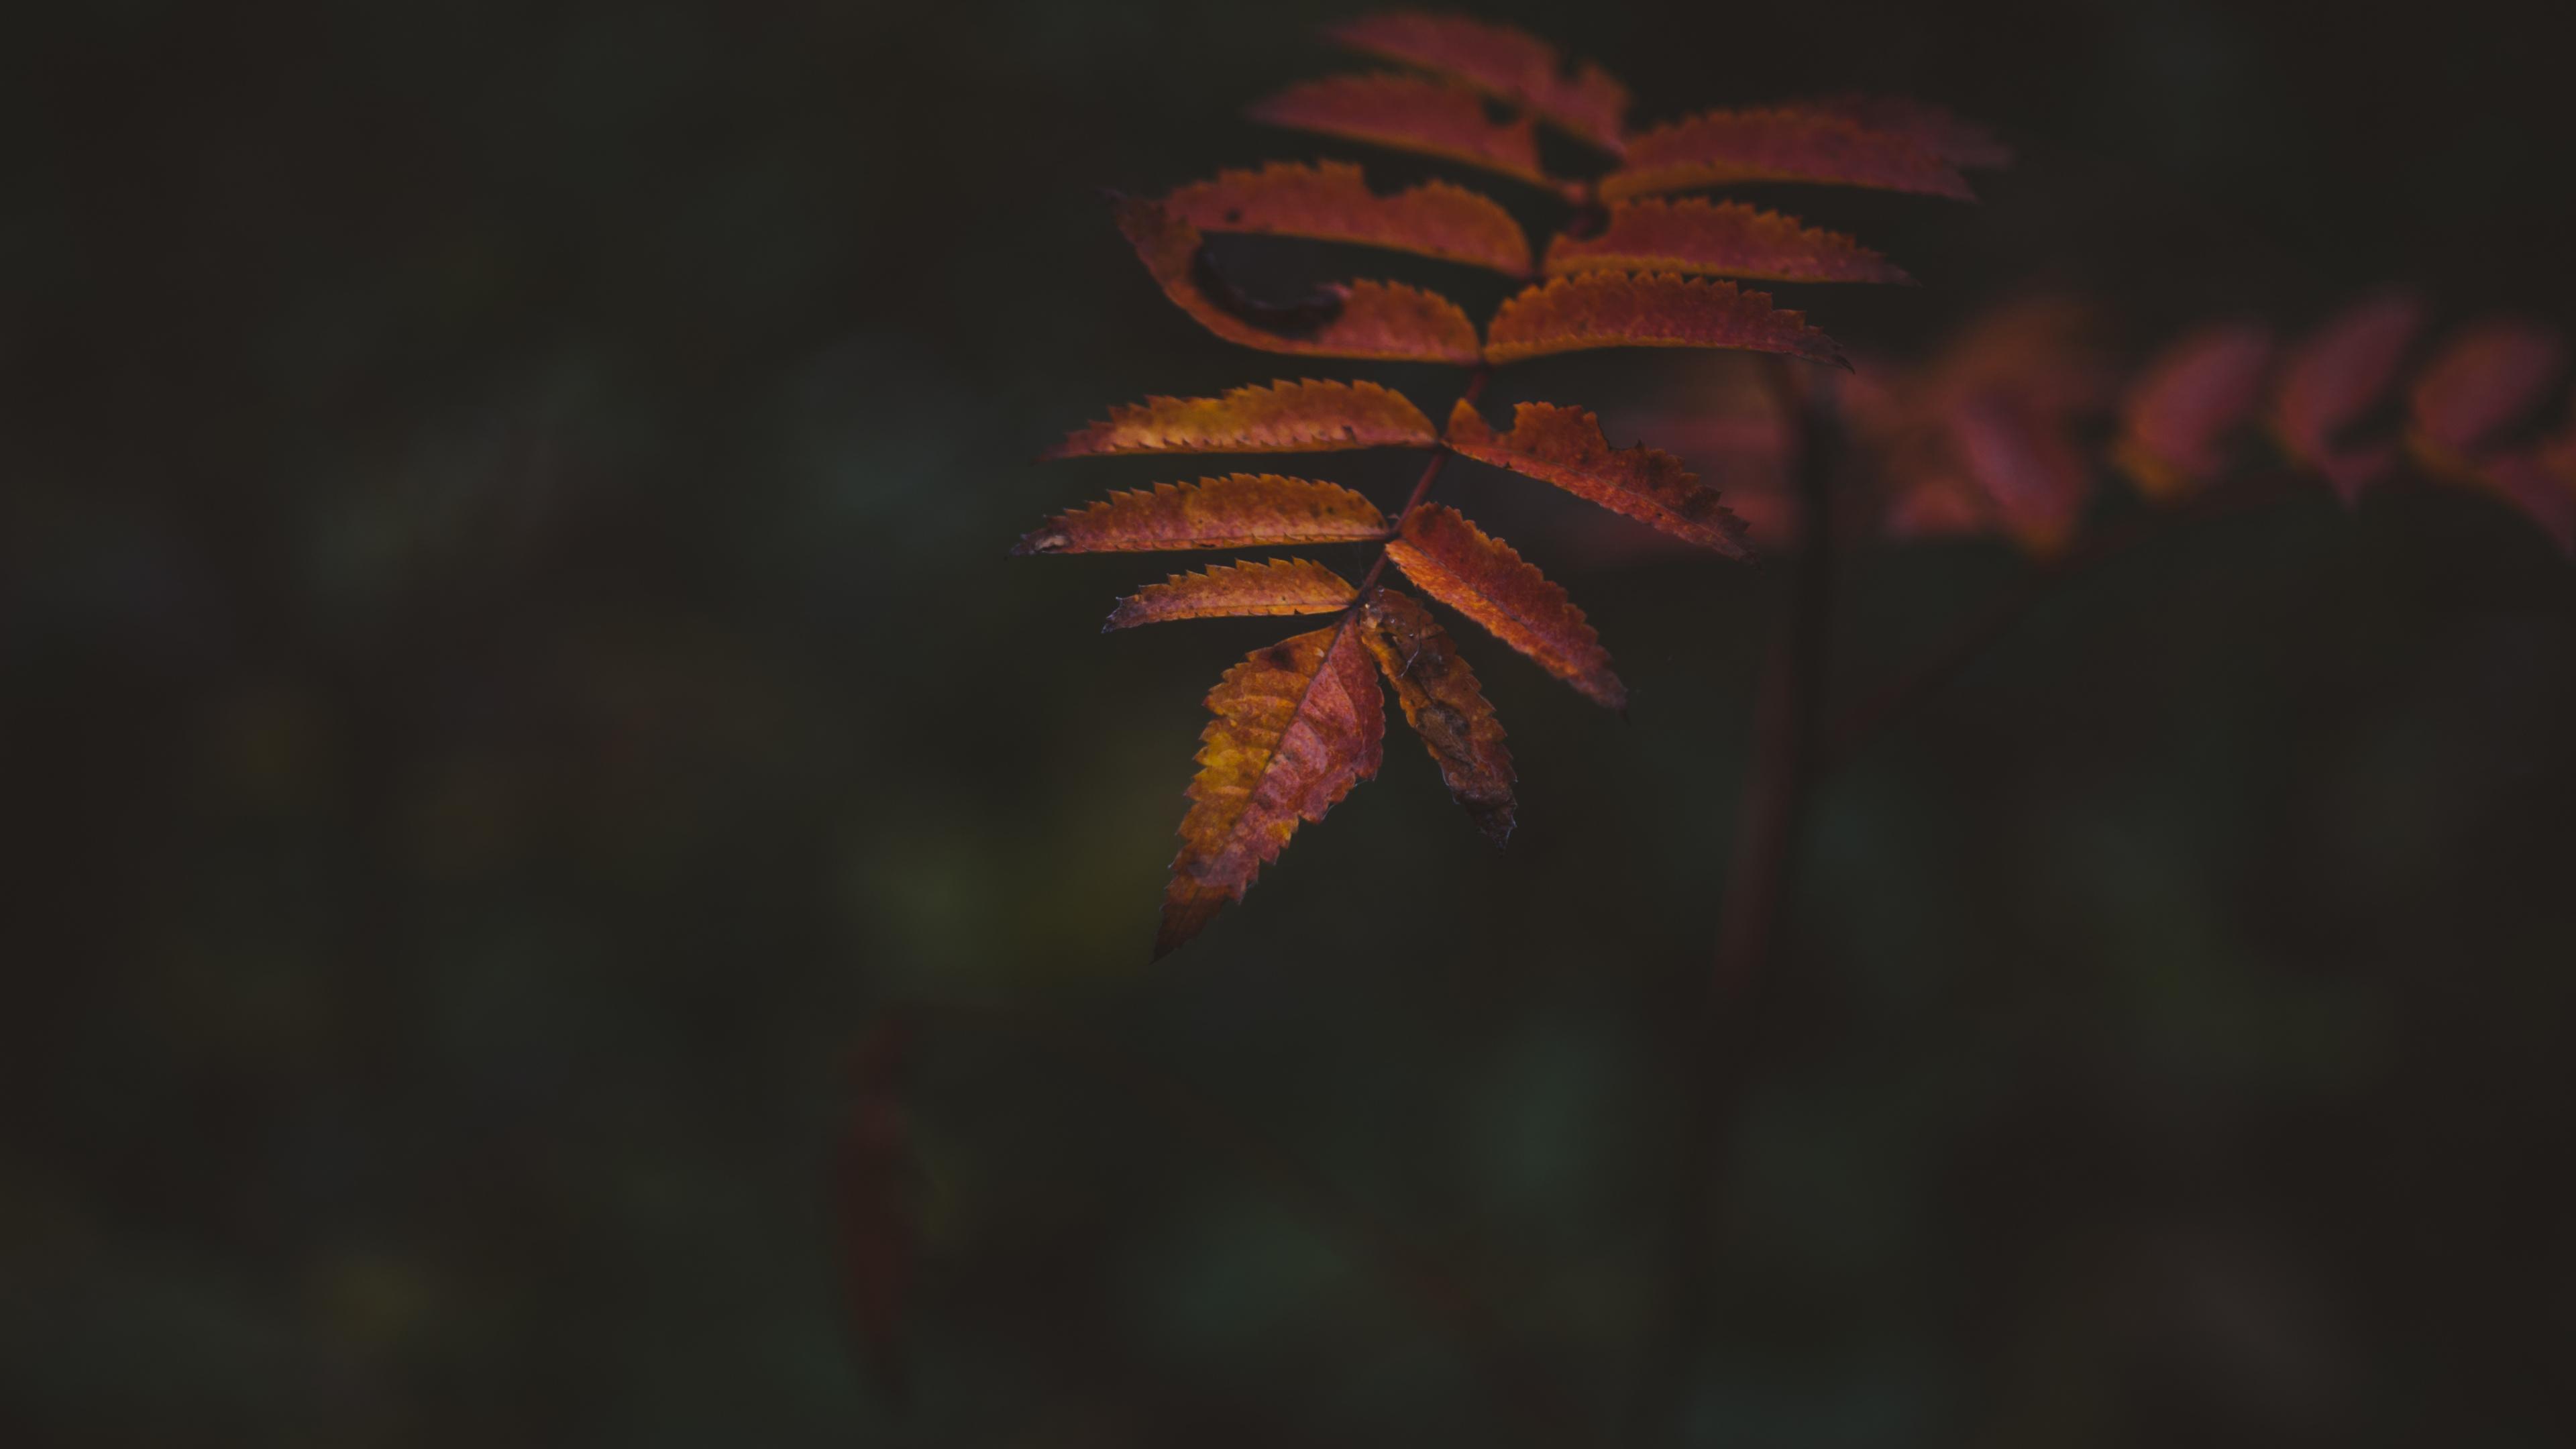 Autumn, portrait, leaf, 3840x2160 wallpaper